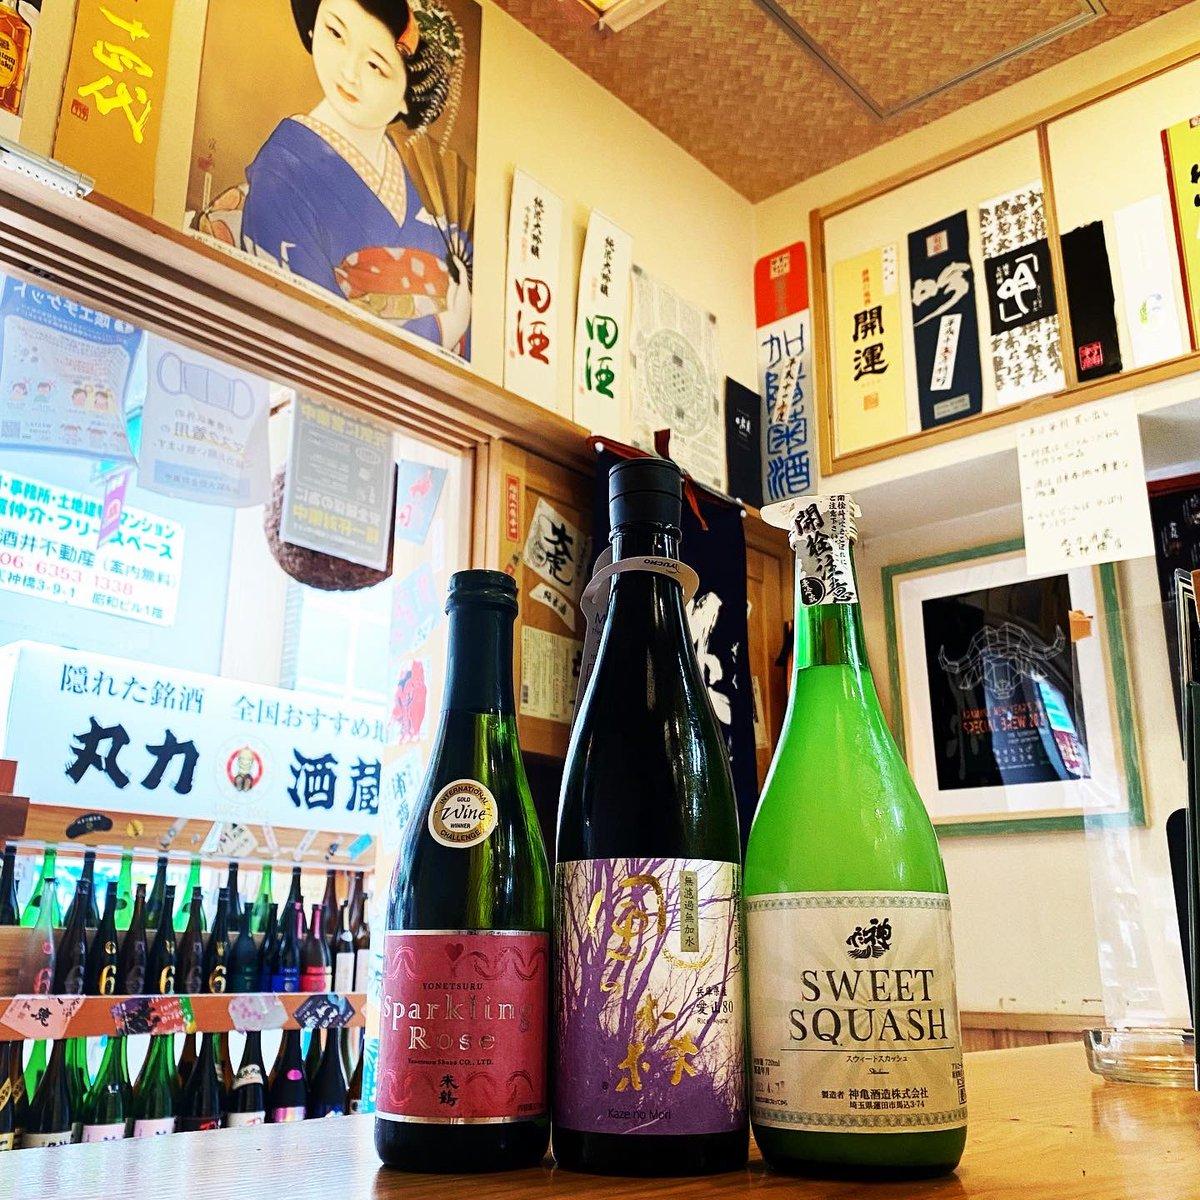 test ツイッターメディア - 🍶米鶴スパークリングロゼ 🍶風の森 愛山 真中採り 🍶神亀 スウィートスカッシュ  入荷致しました! どれも夏にぴったりスカッと系の日本酒になっております!  換気も良い当店で涼みながらお楽しみくださいませ😊  #マルリキ #米鶴 #風の森 #神亀 https://t.co/gIet7AULwy